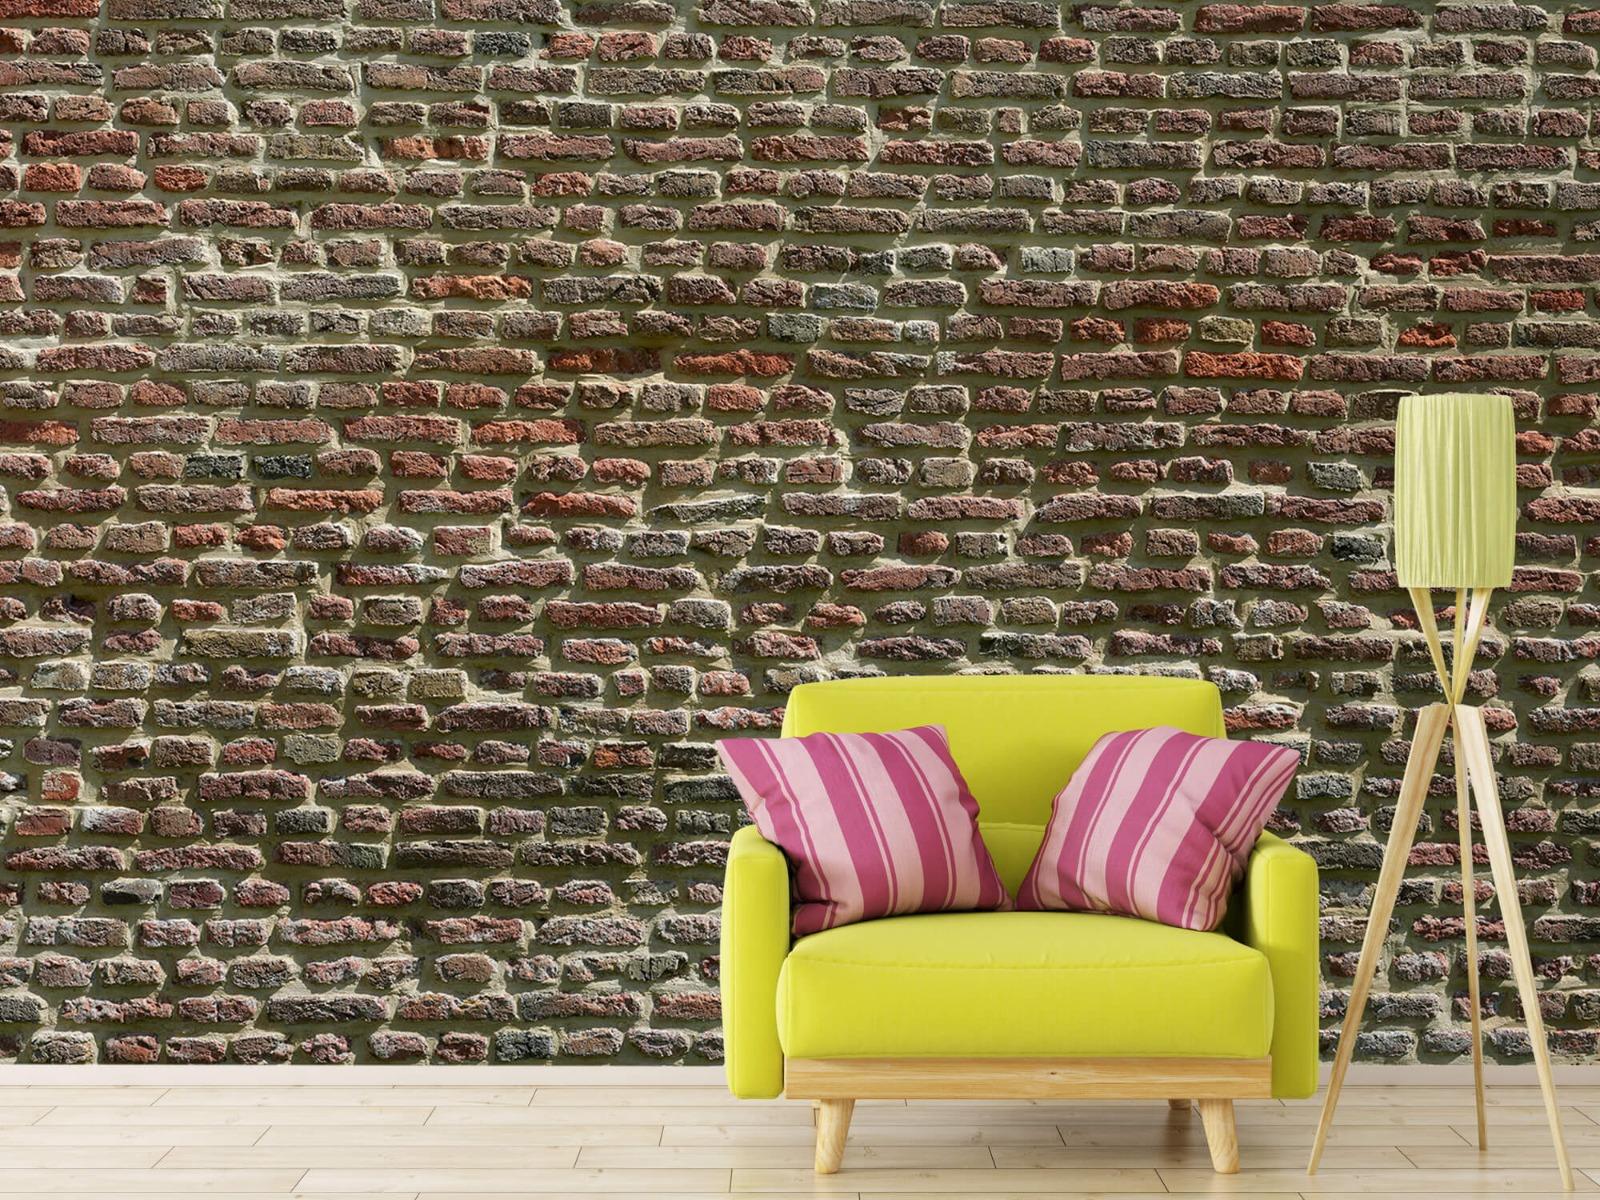 Stenen - Muur van oude bakstenen 19